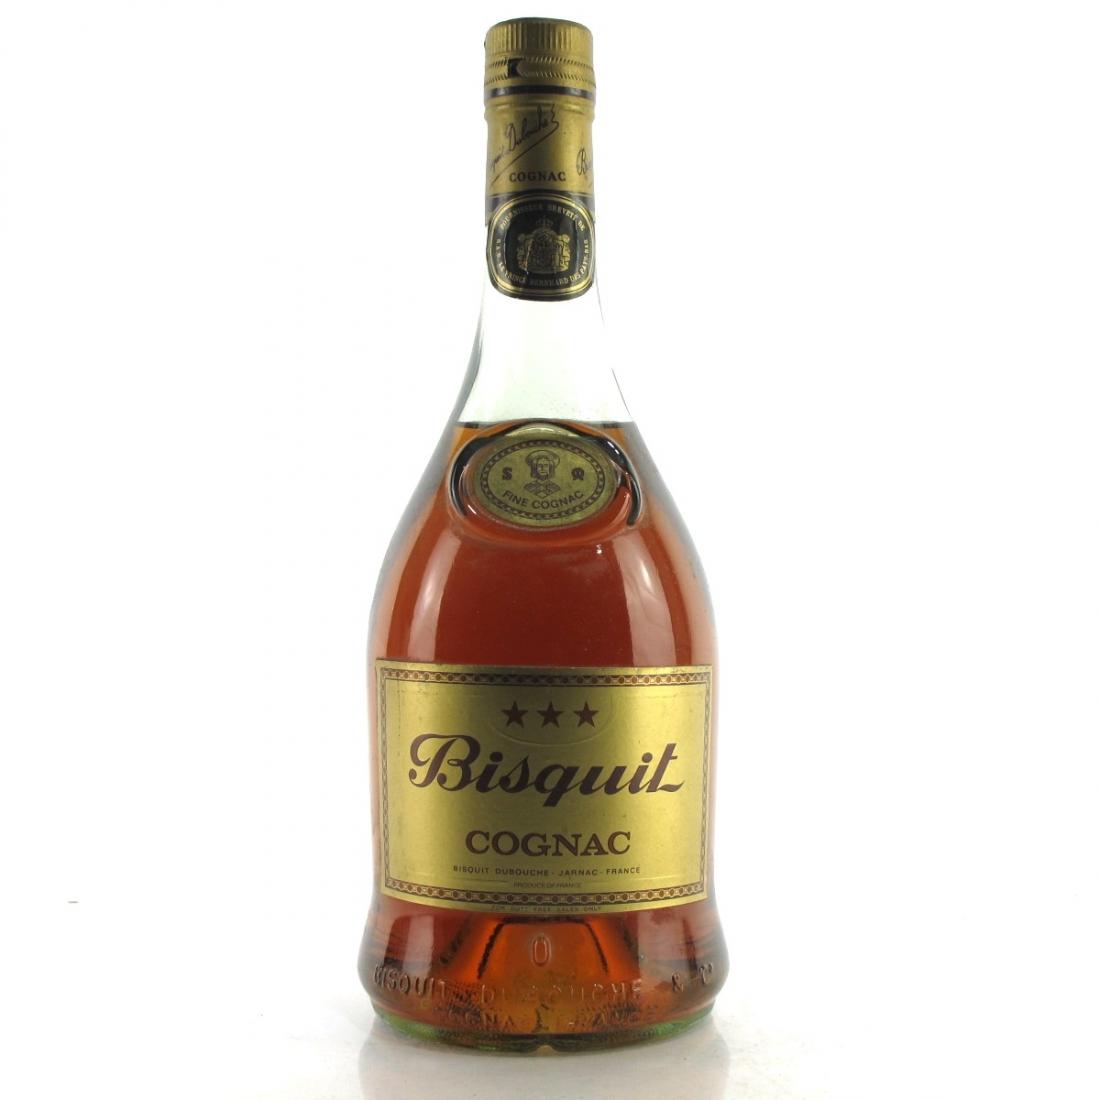 Bisquit 3-Star Cognac